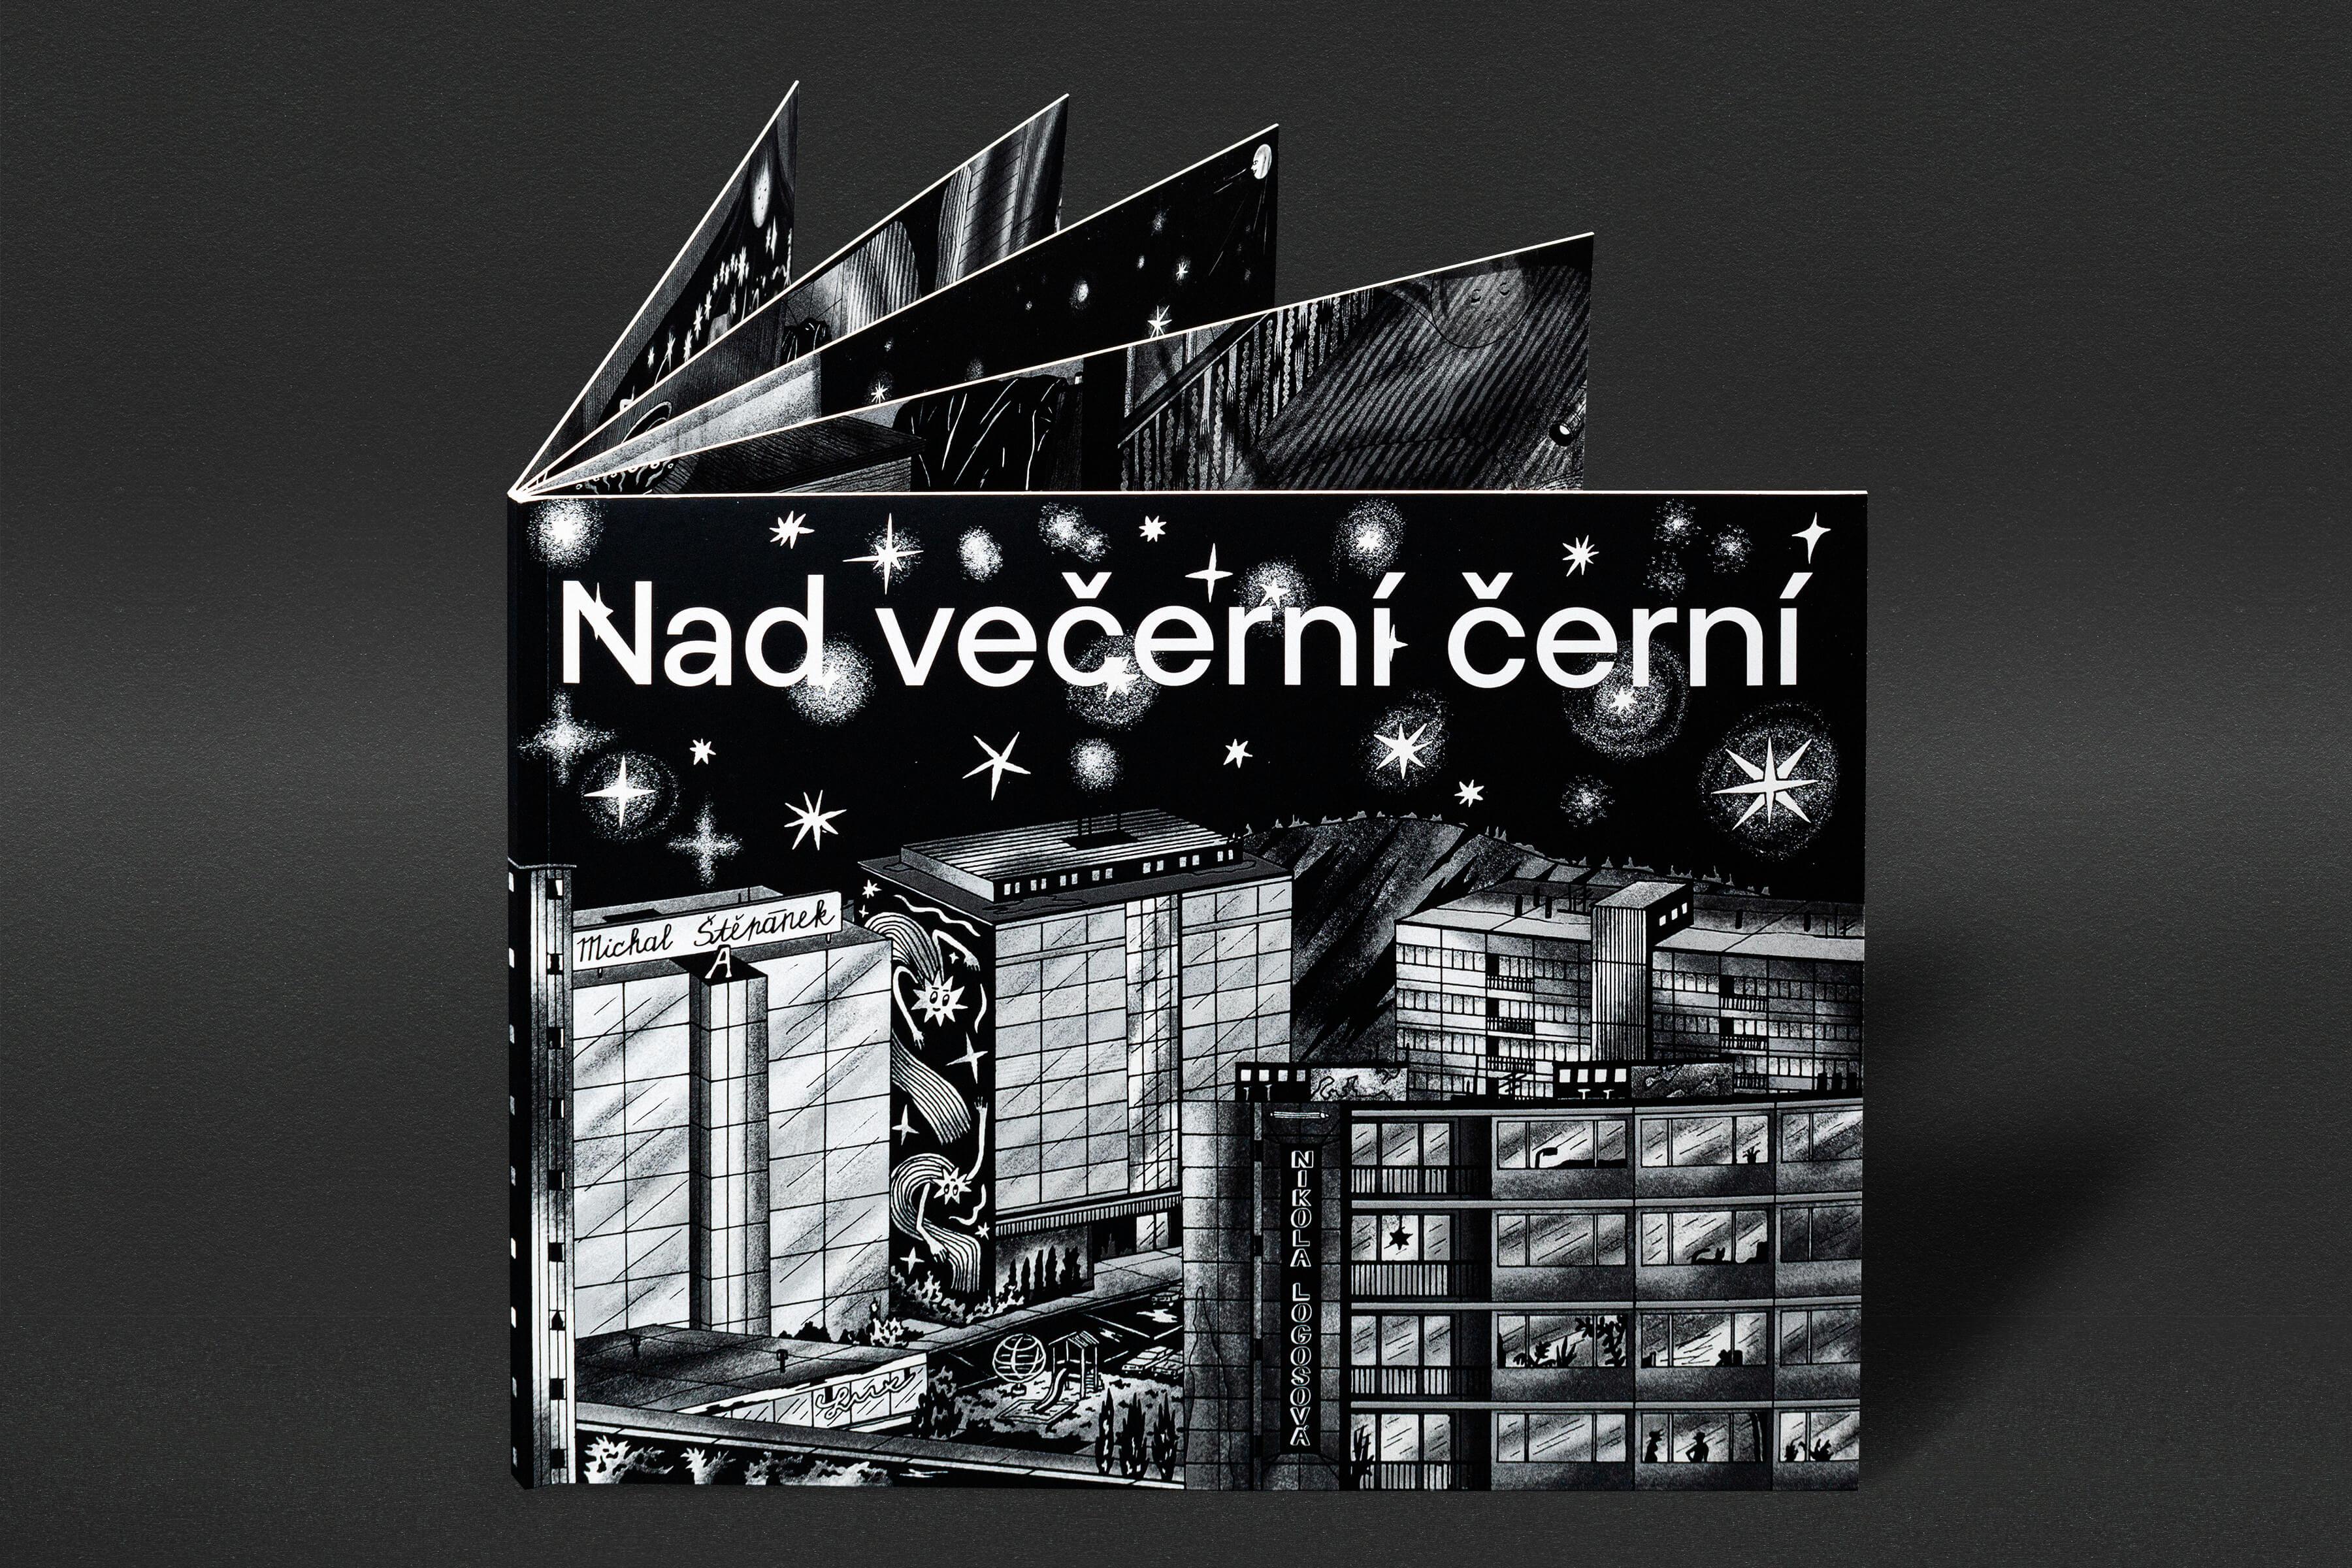 Michal Štěpánek: Nad večerní černí